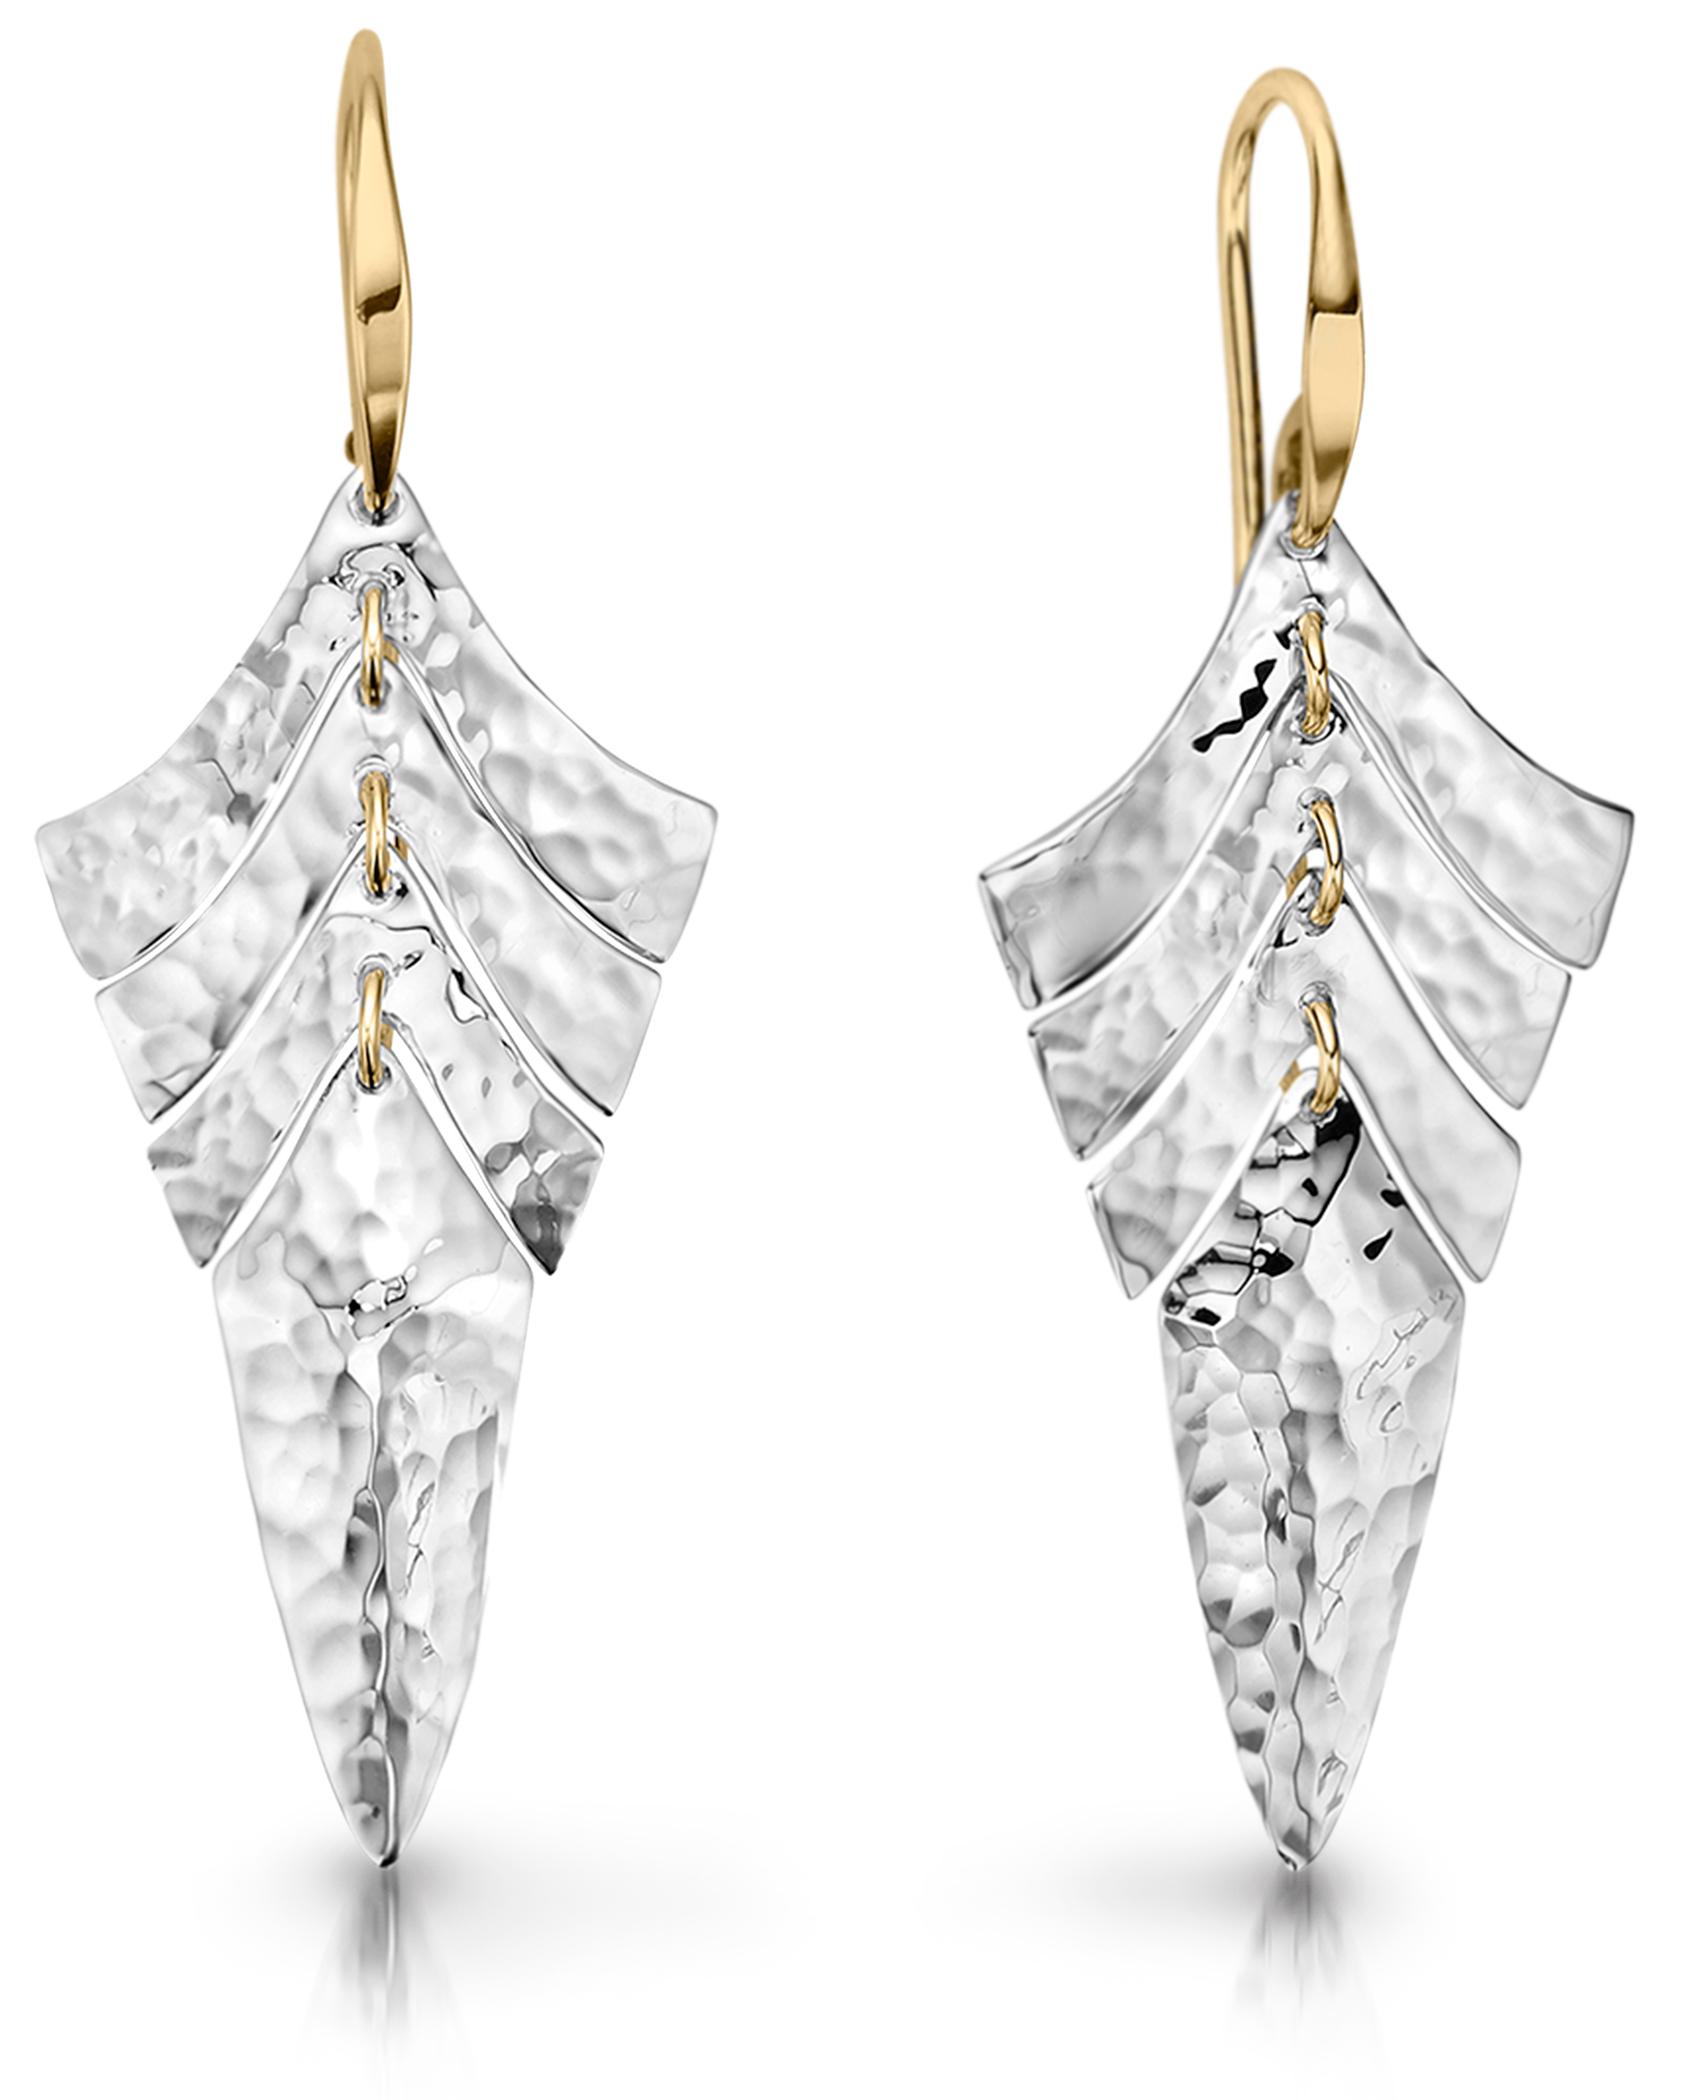 Best Silver Jewelry (Under $1,000) – 2019 Winners